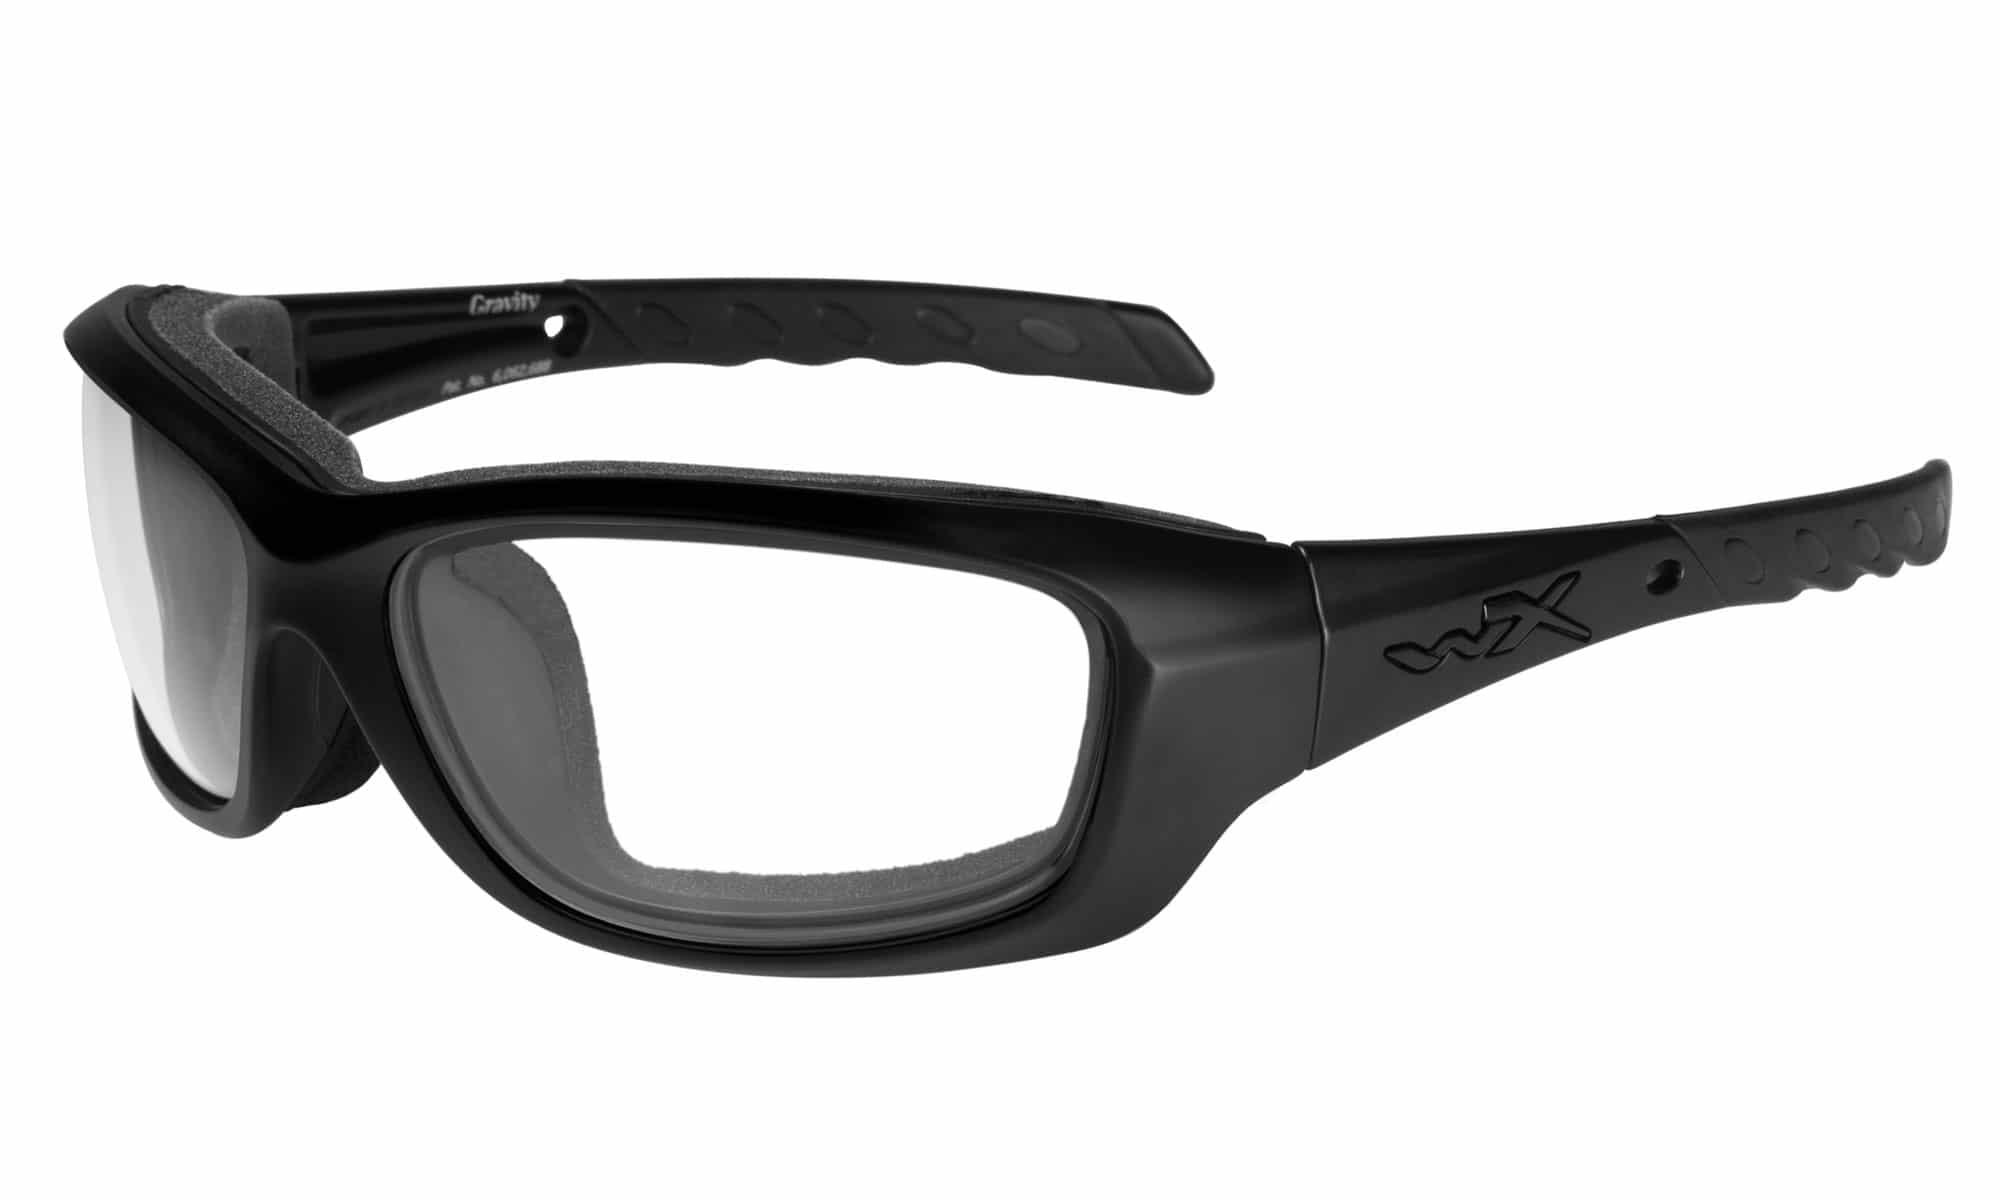 WX Gravity Sunglasses|Safety Glasses CCGRA03_MV_Ver1